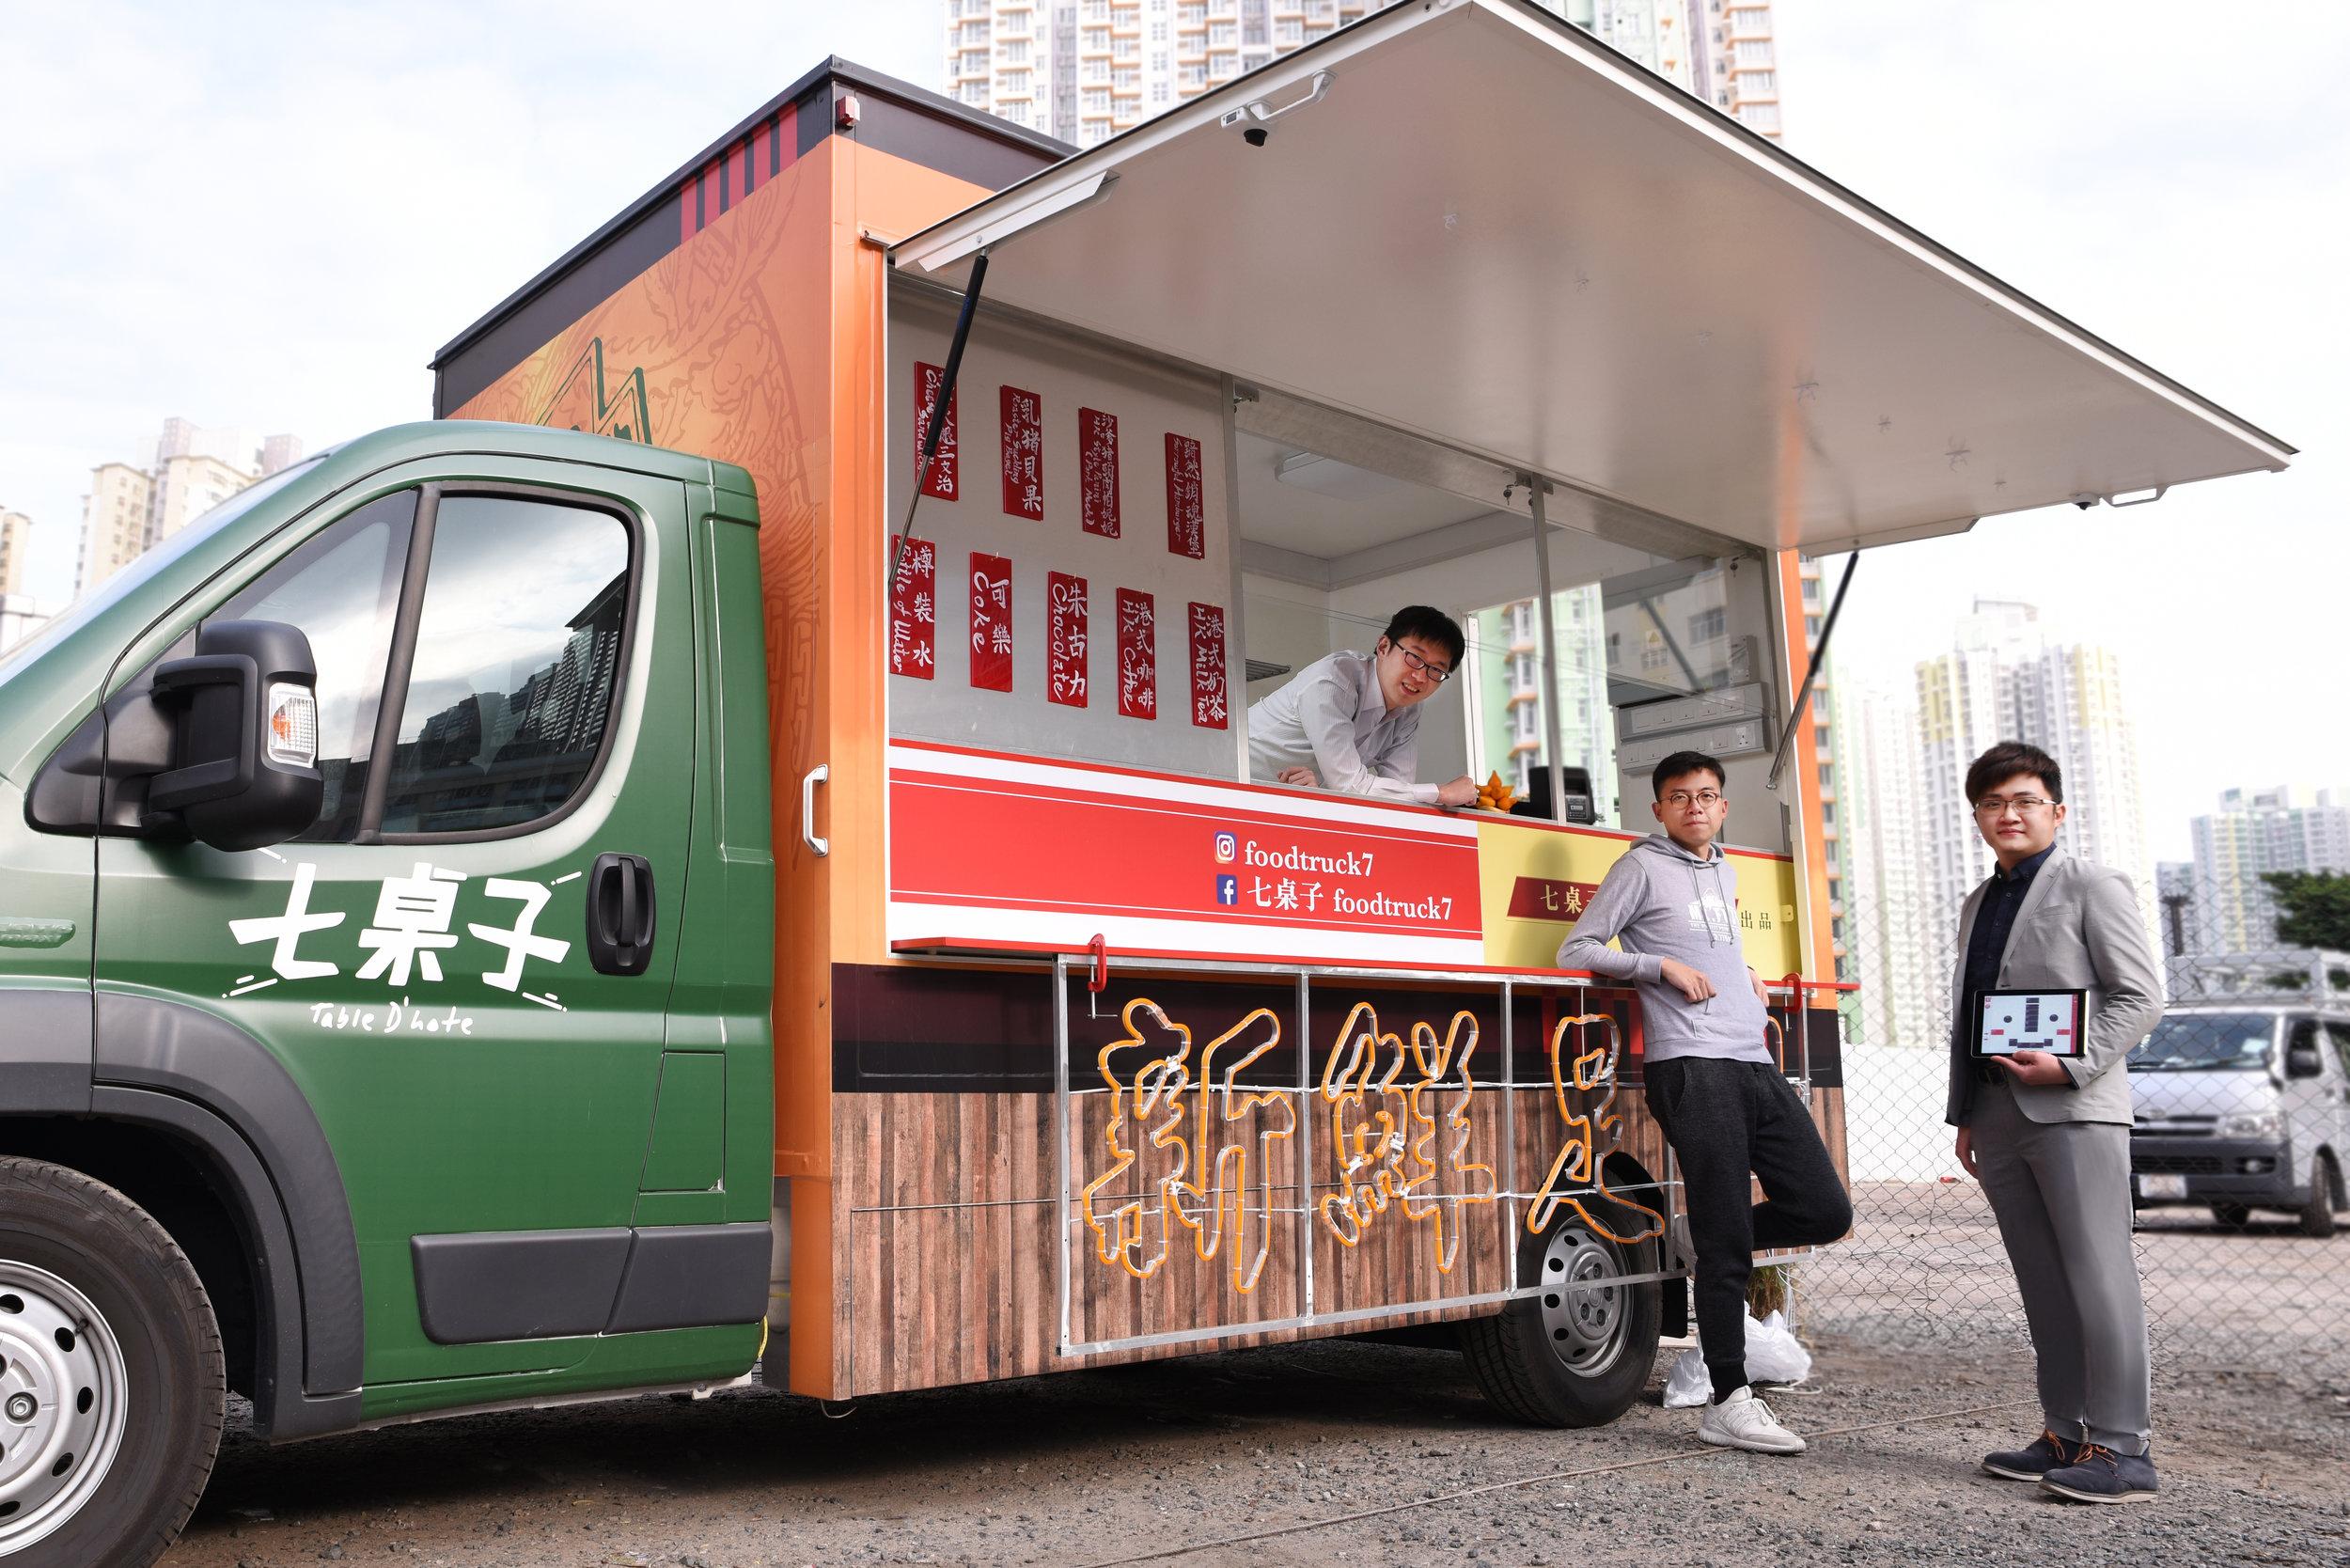 左至右: iCHEF聯合創辦人吳佳駿、美食車負責人林瑞華、iCHEF Club香港負責人梁祺雋